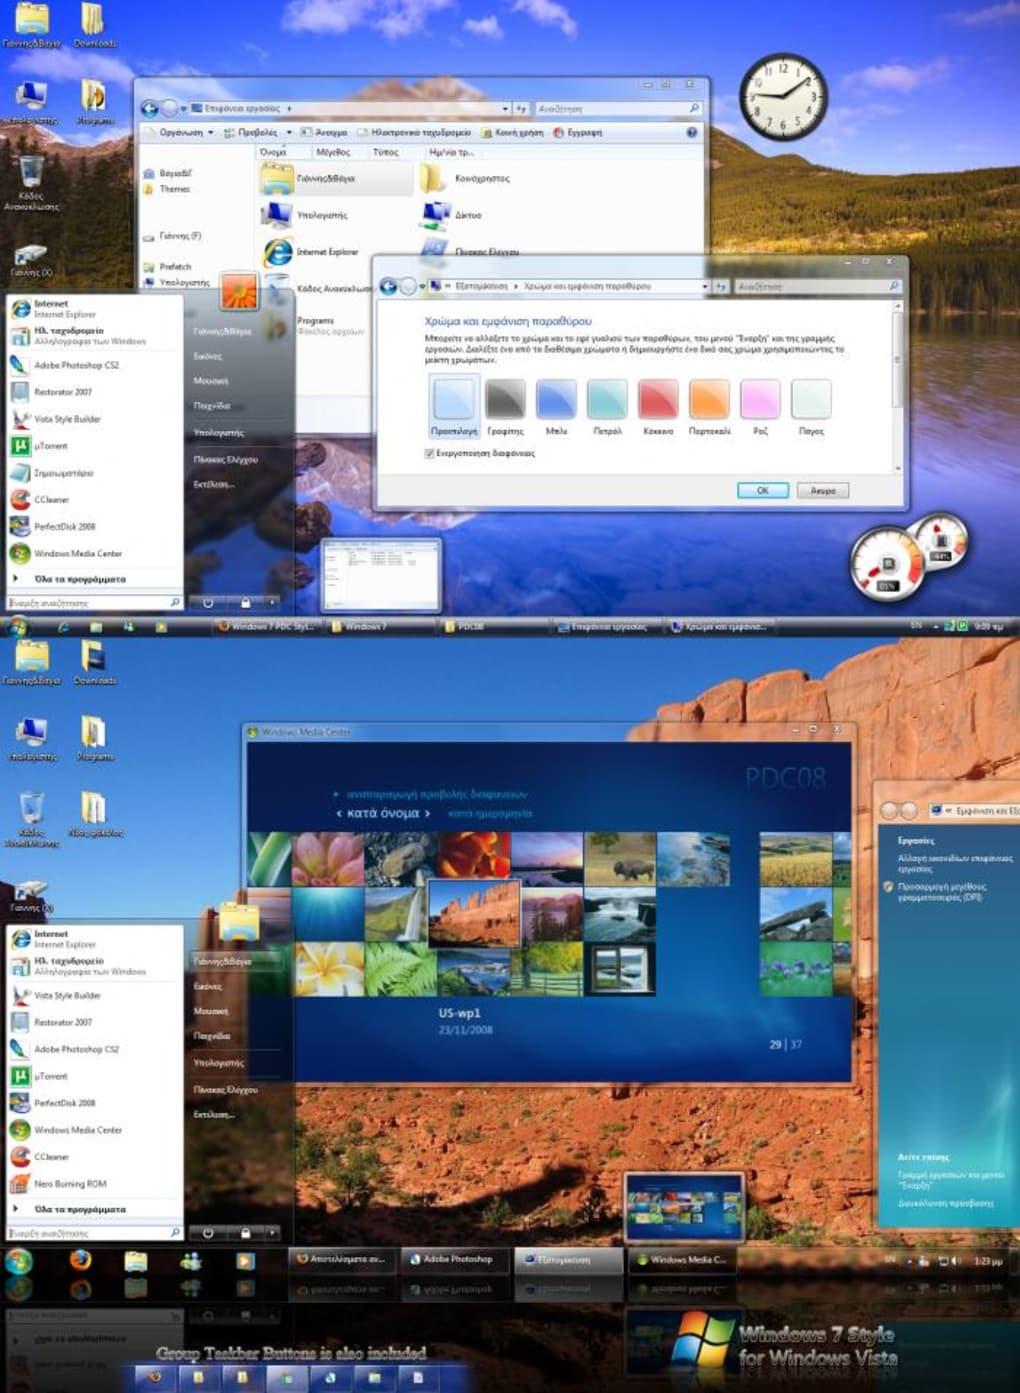 Nous sommes encore nombreux à utiliser à utiliser Windows XP qui reste à ce jour l'une des versions les plus stables de l'OS de Microsoft.C'est pourquoi nous vous présentons notre sélection des thèmes gratuits  pour XP